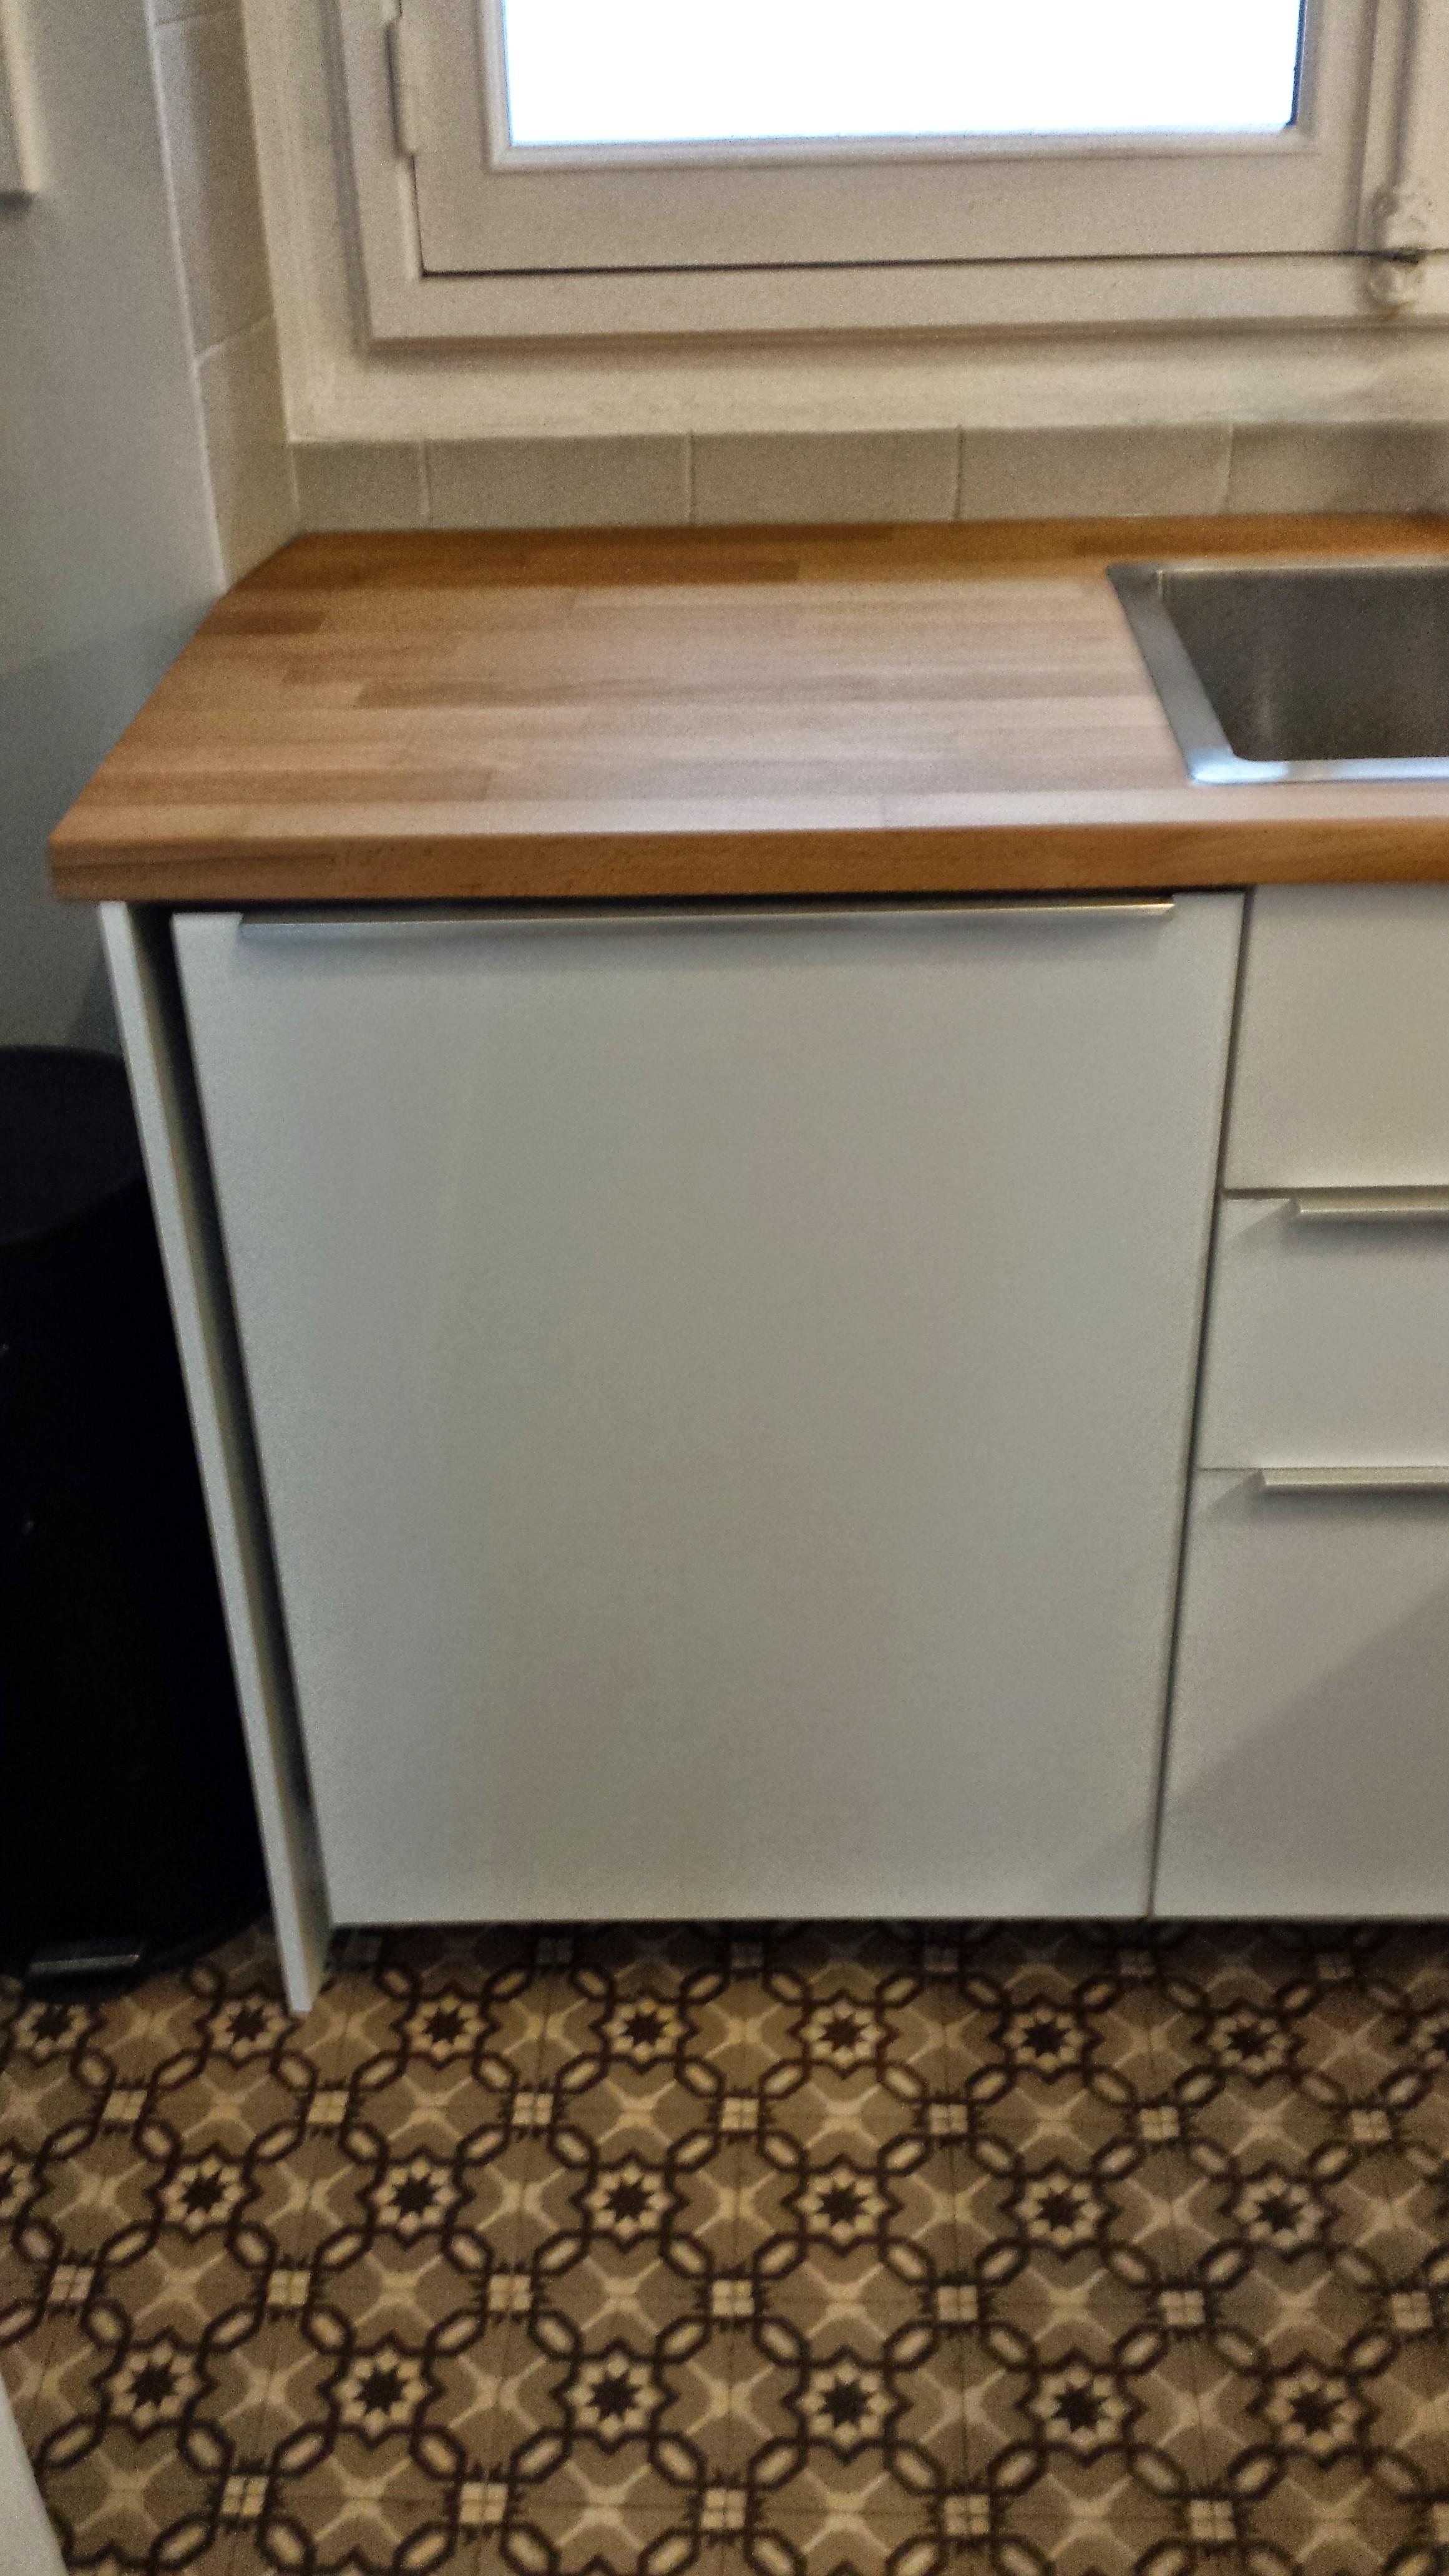 Installateur de cuisine ikea et autres marques for Ikea meuble lave linge